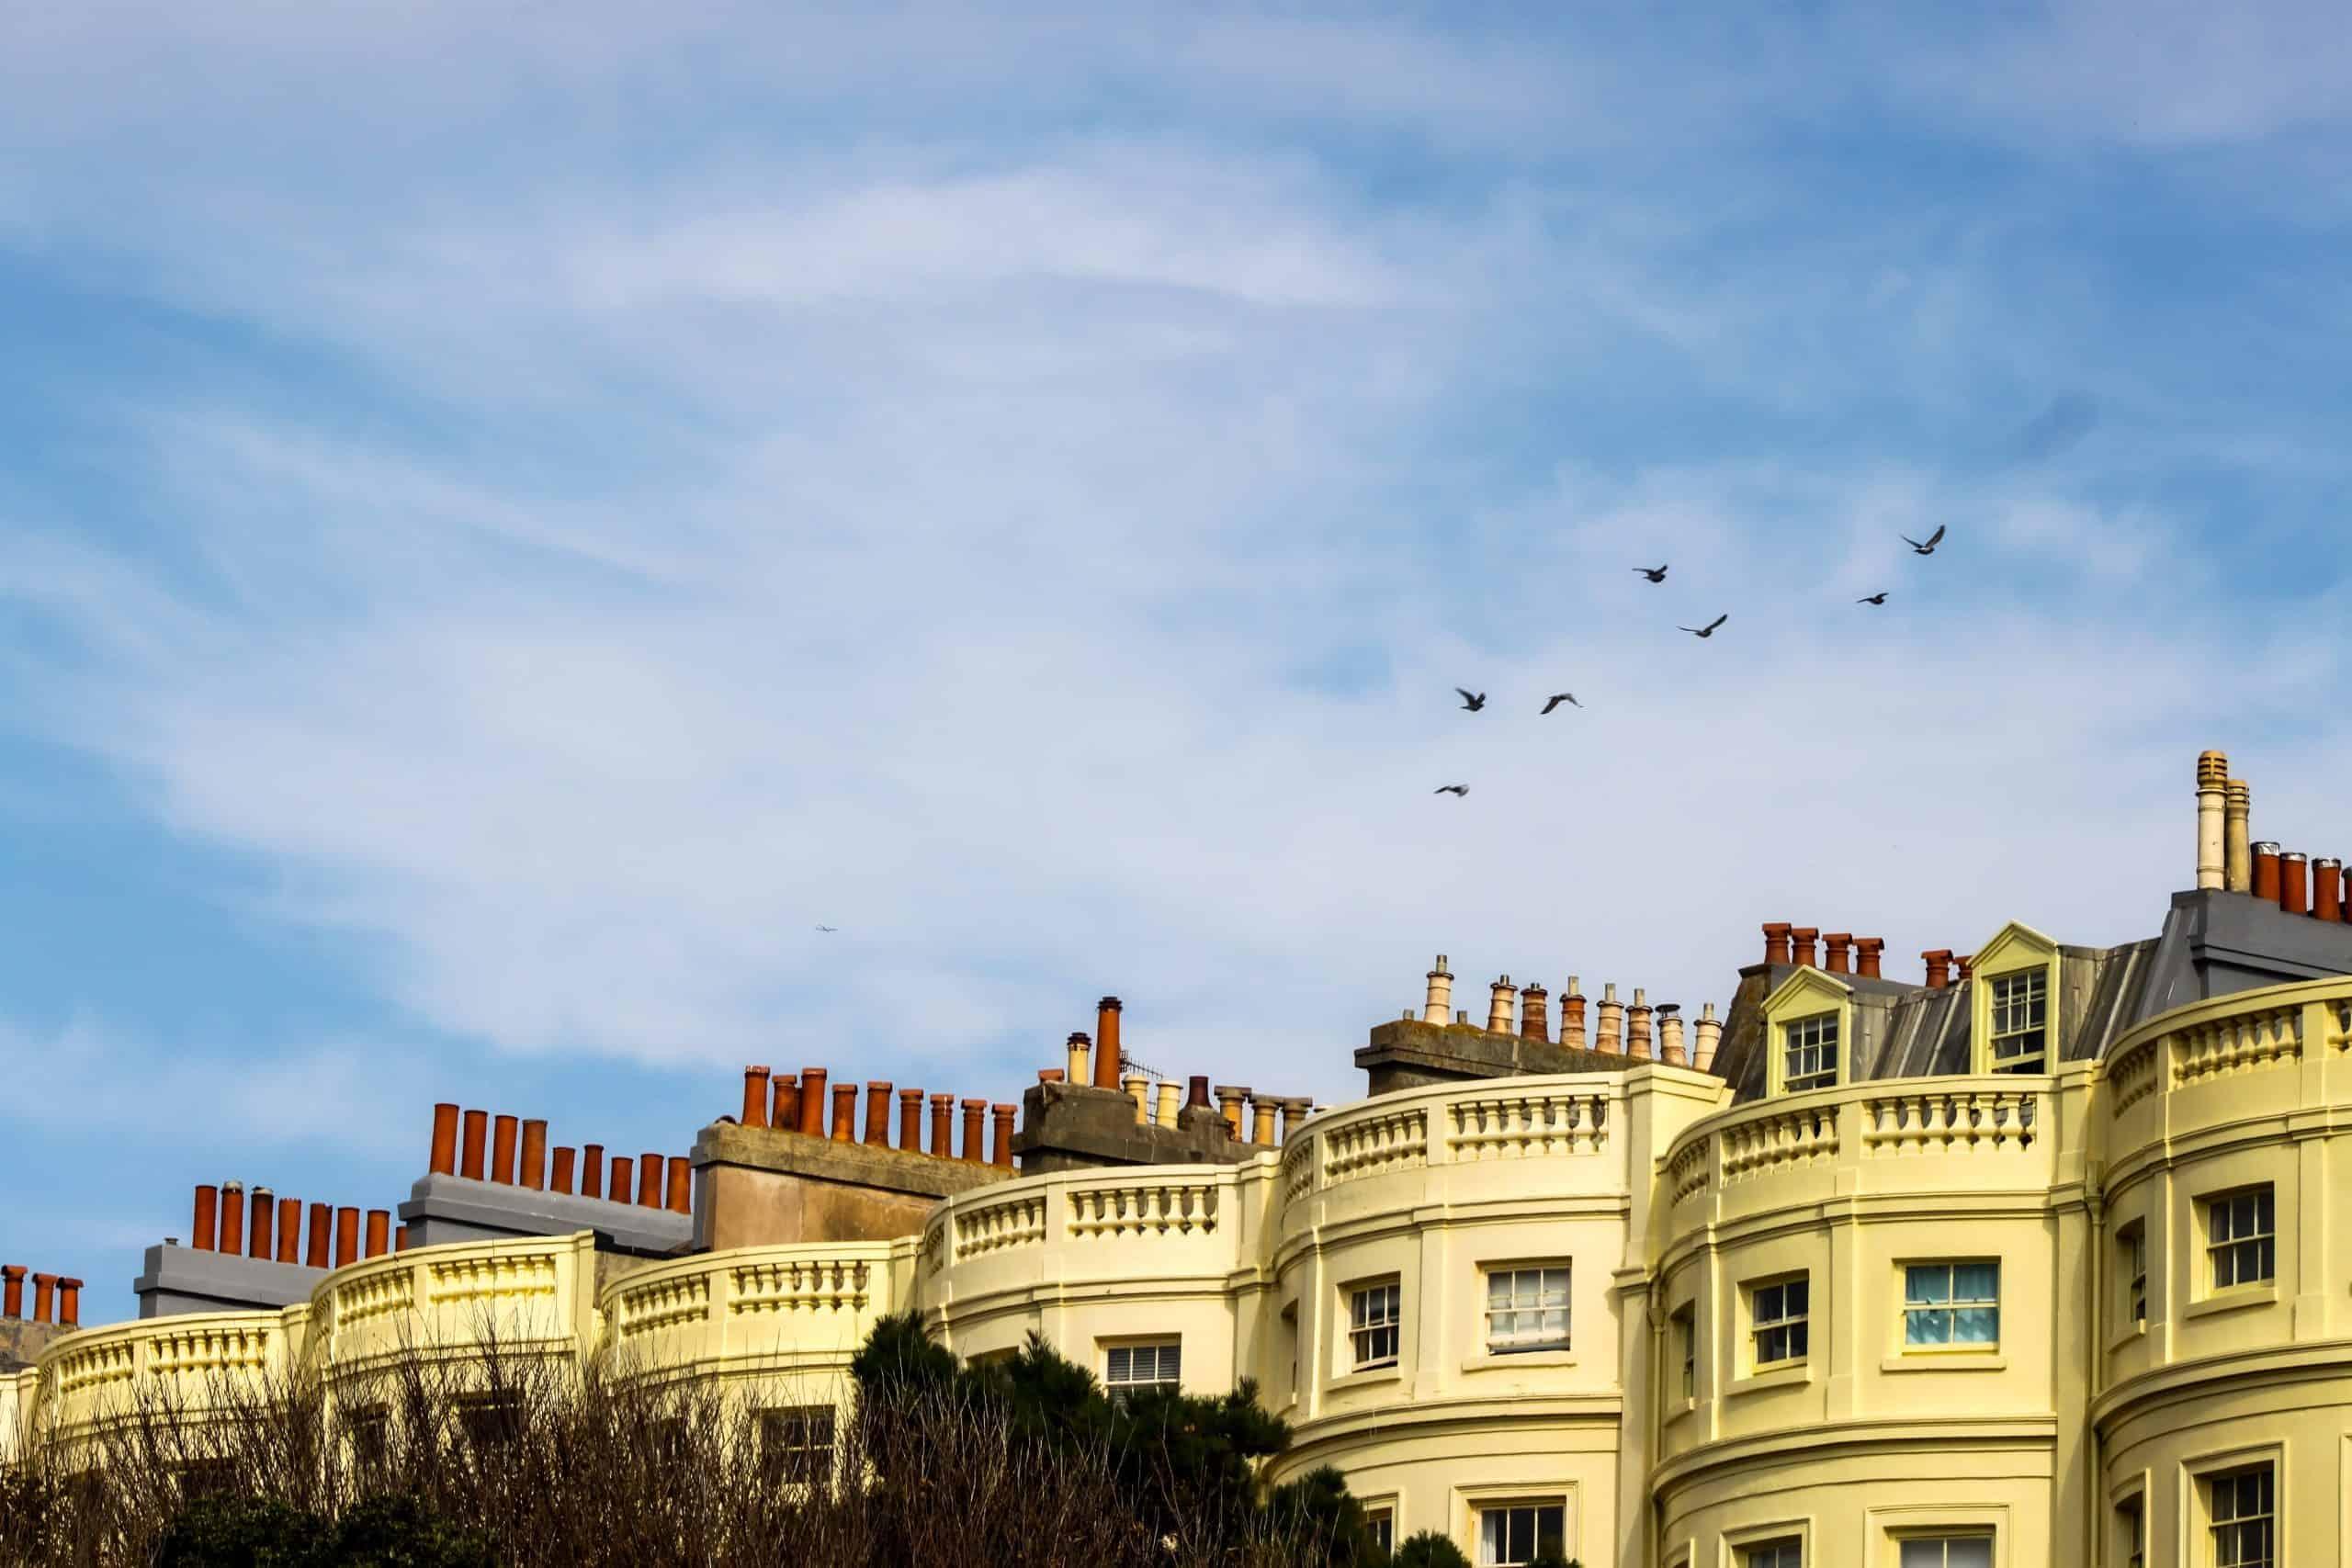 Liste von 3 Wohnimmobilieninvestoren aus UK